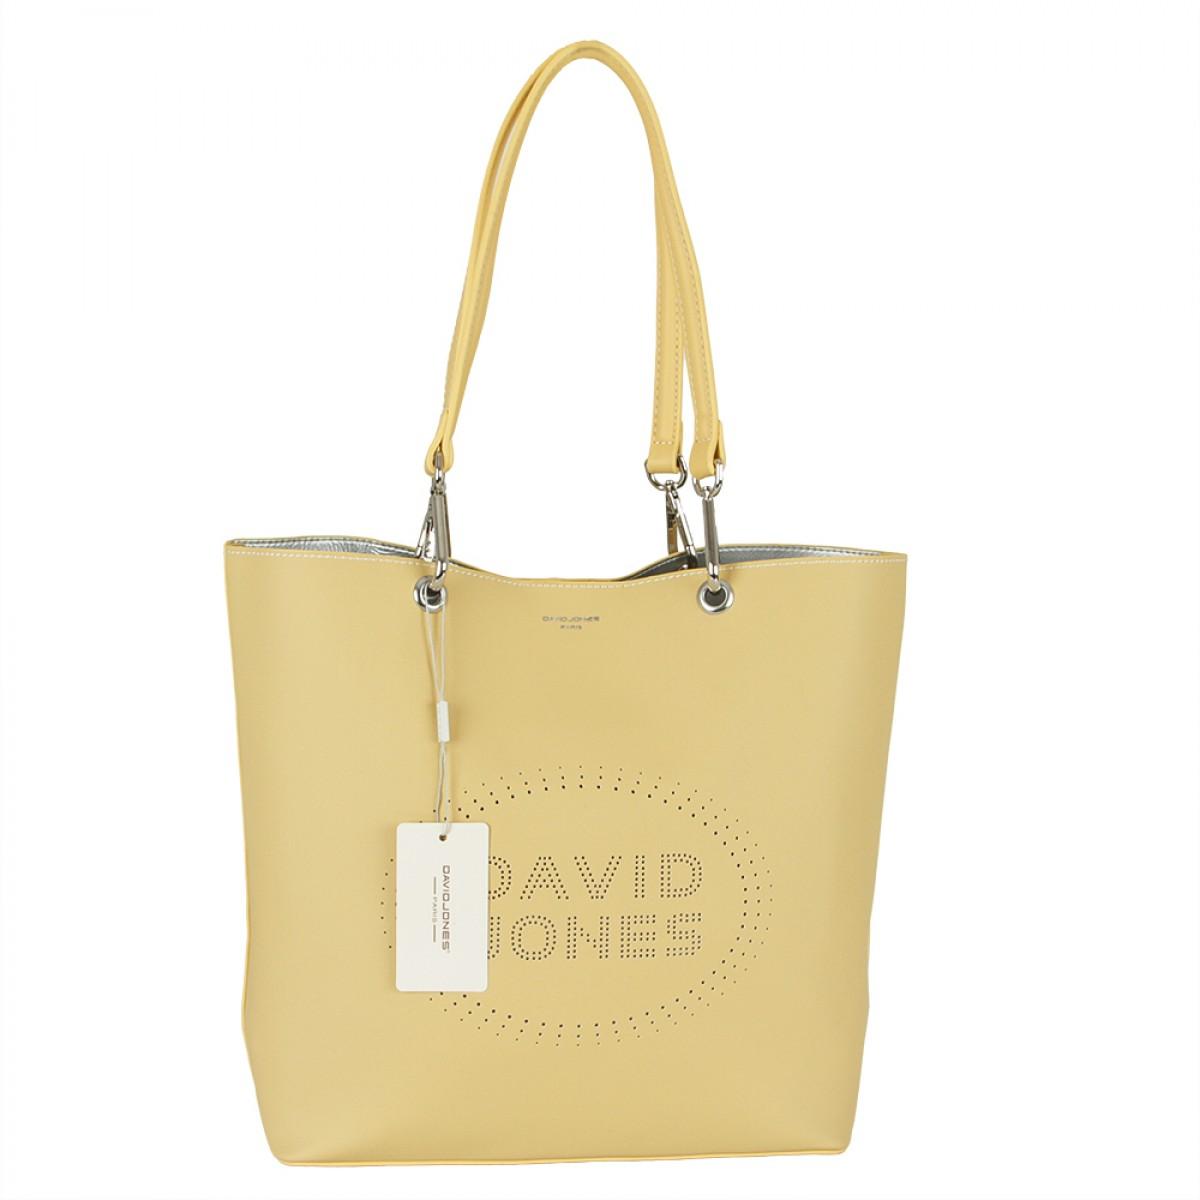 Жіноча сумка David Jones 6223-1 YELLOW